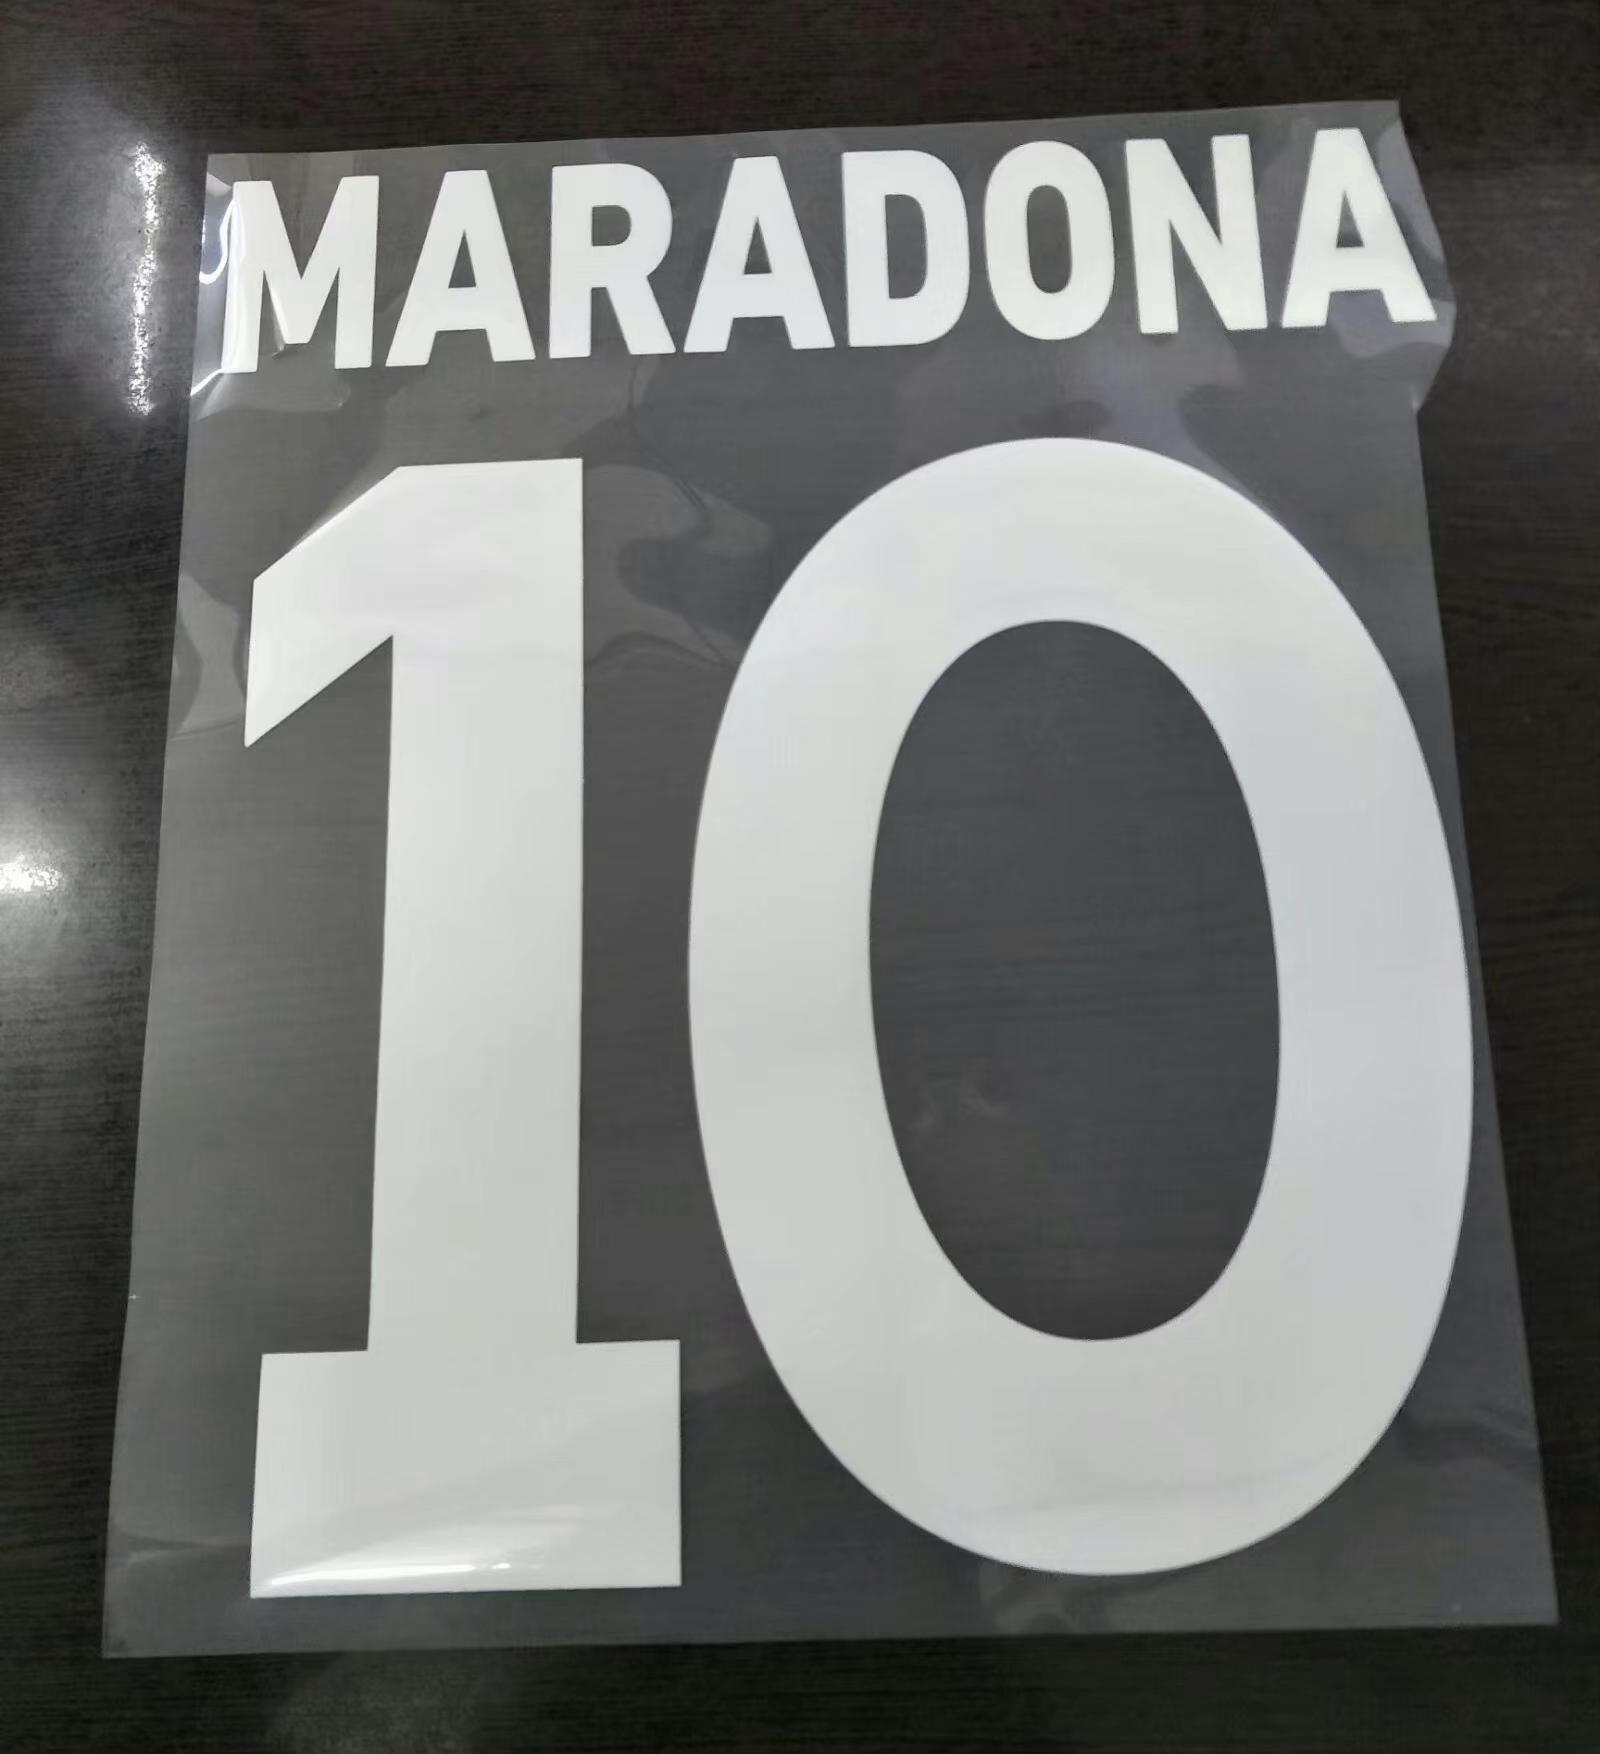 Maradona Футбольная диспетчер Имень Имень A-Z Номер 0-9 Printng Футбольный шрифт